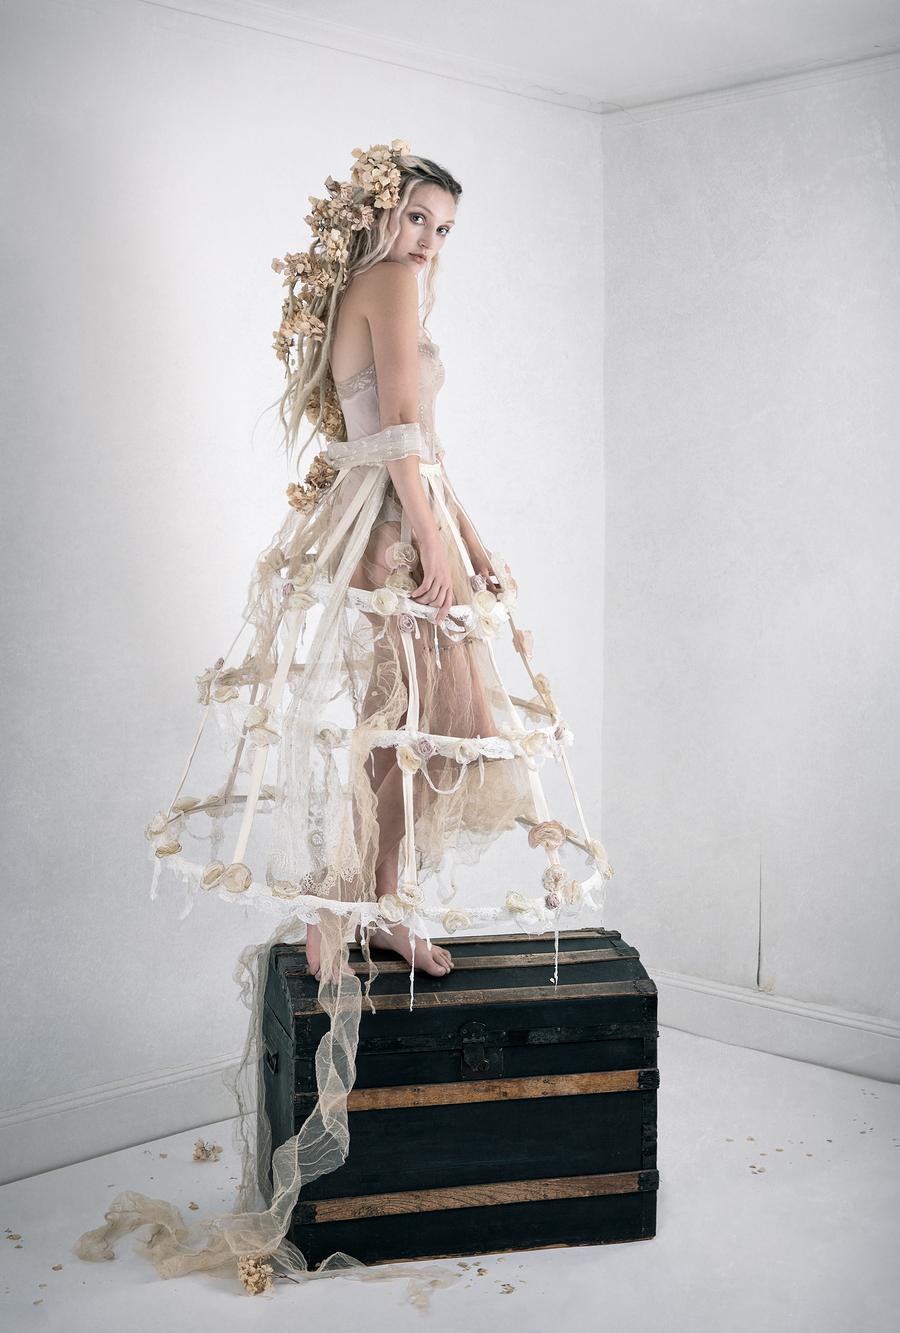 Tim Walker inspired for Carrie Angel / Model Olivia Harriet / Uploaded 13th June 2020 @ 01:20 PM